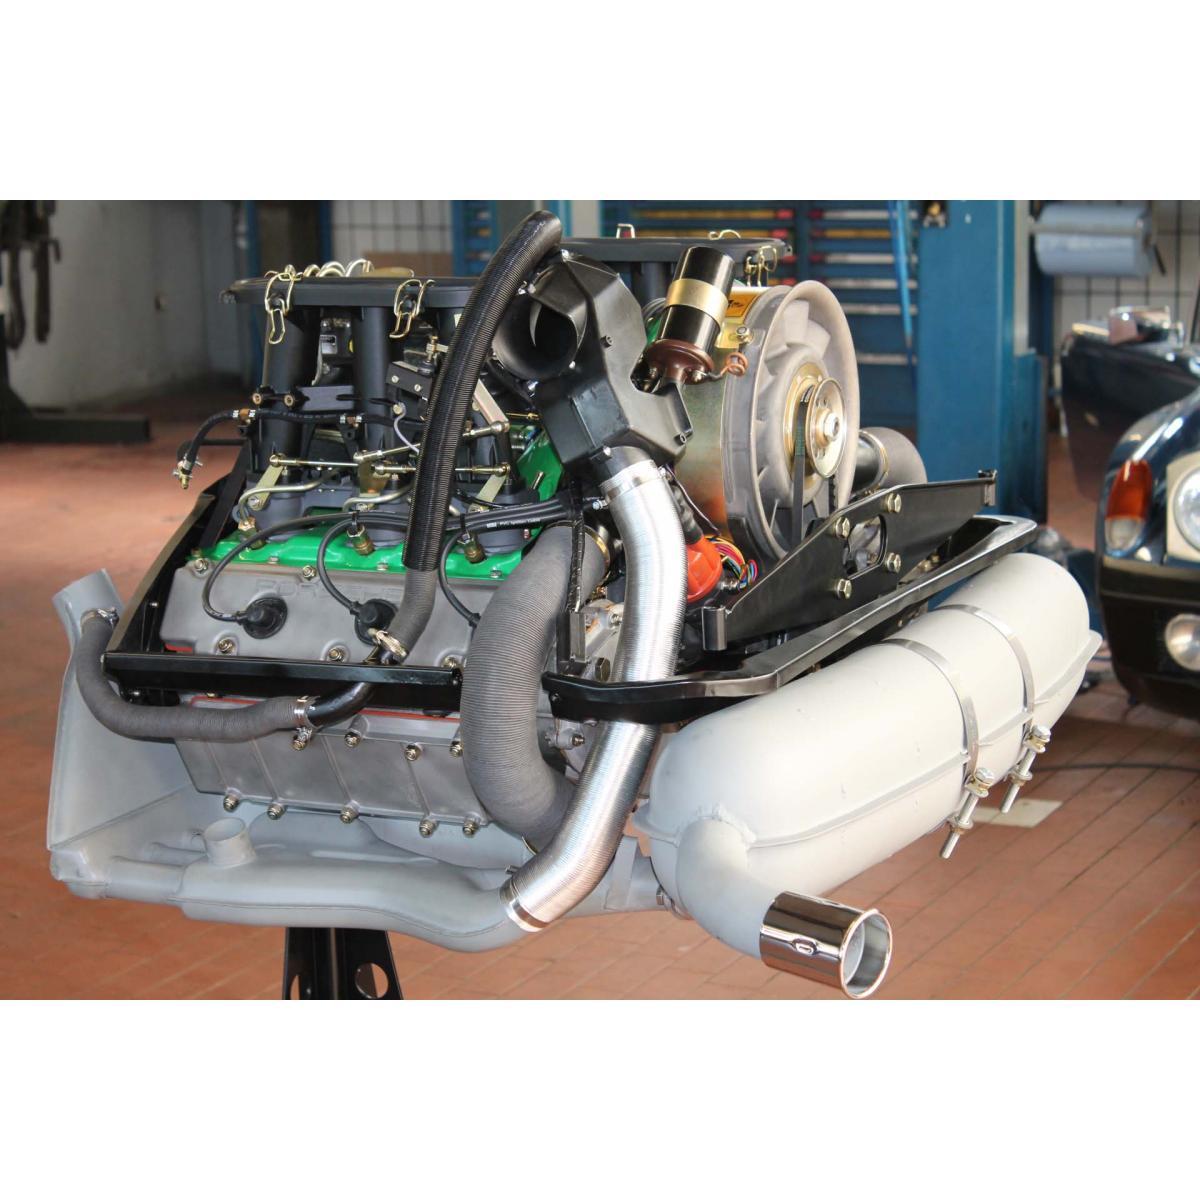 Motor komplett 911E 2,4, 180 PS/ 220 Nm, Typ 911/52